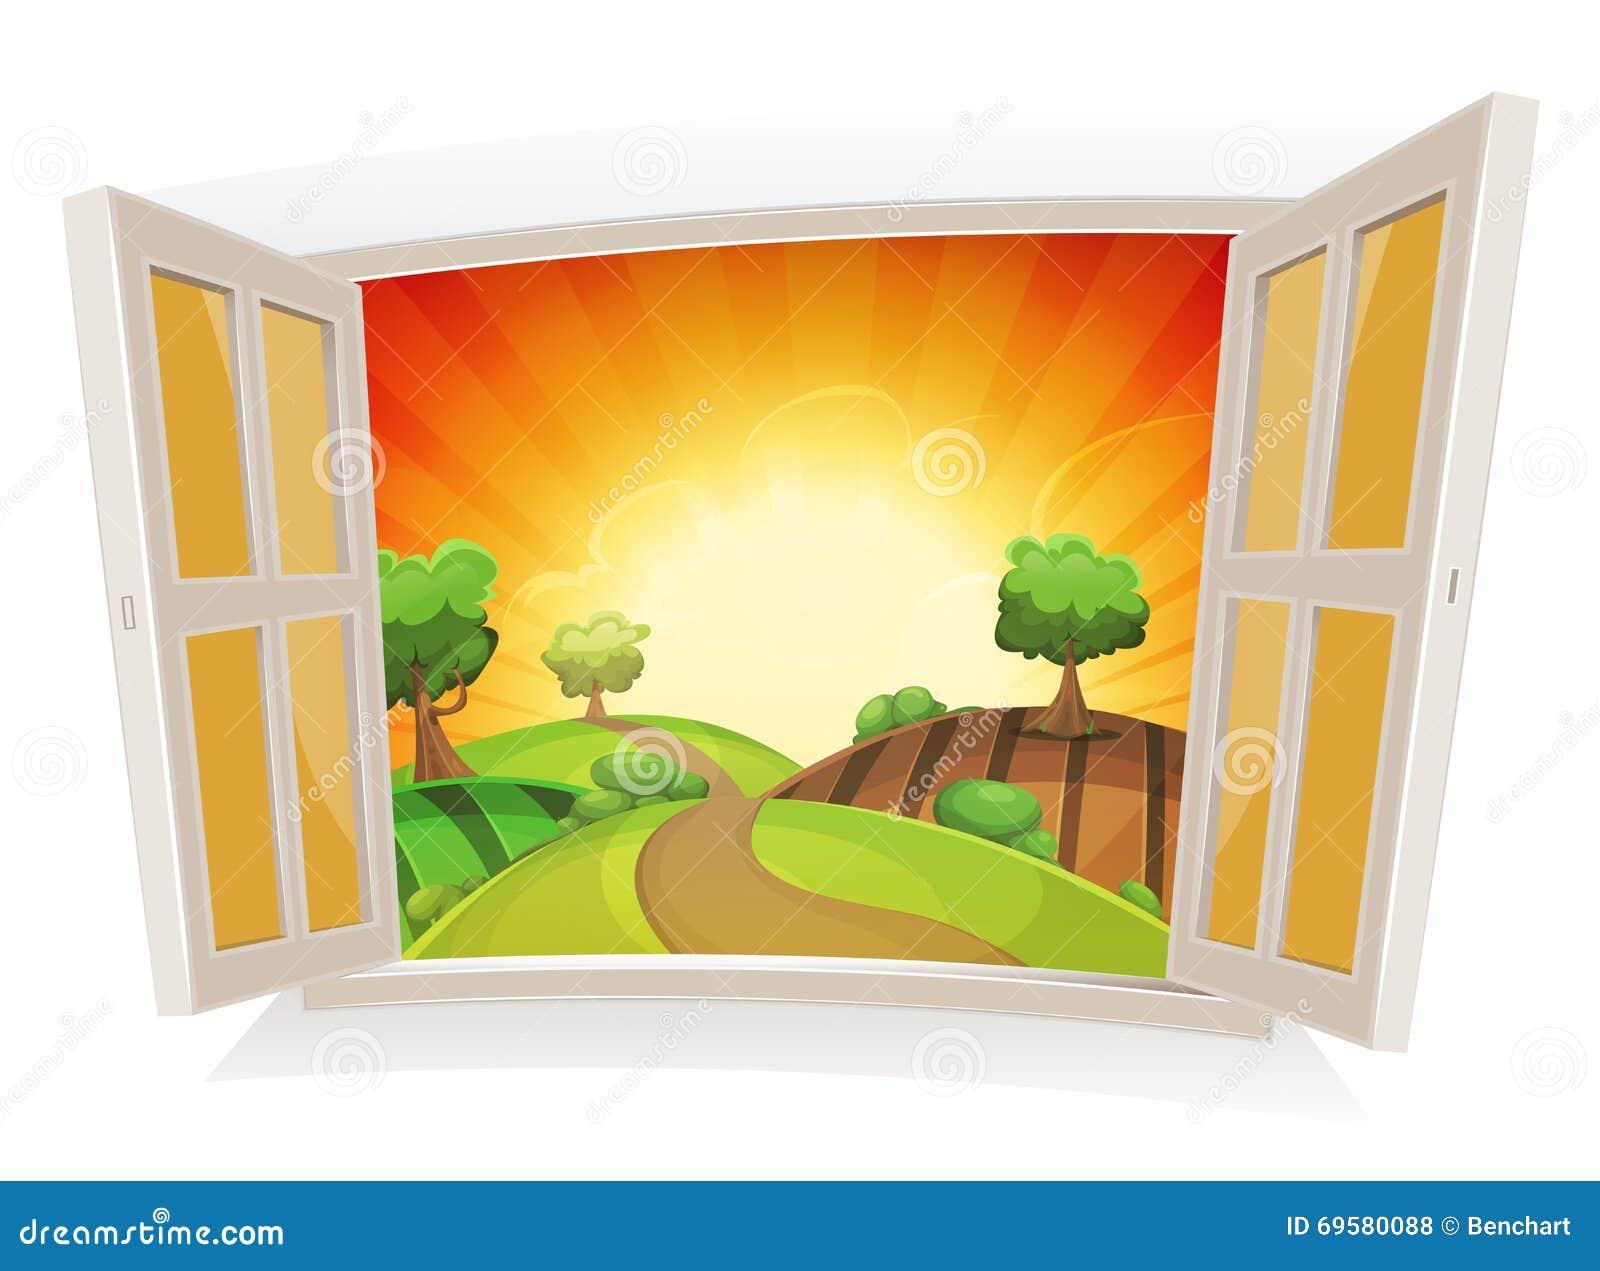 Fen tre ouverte sur un paysage rural d 39 t illustration de for Fenetre ouverte sur paysage